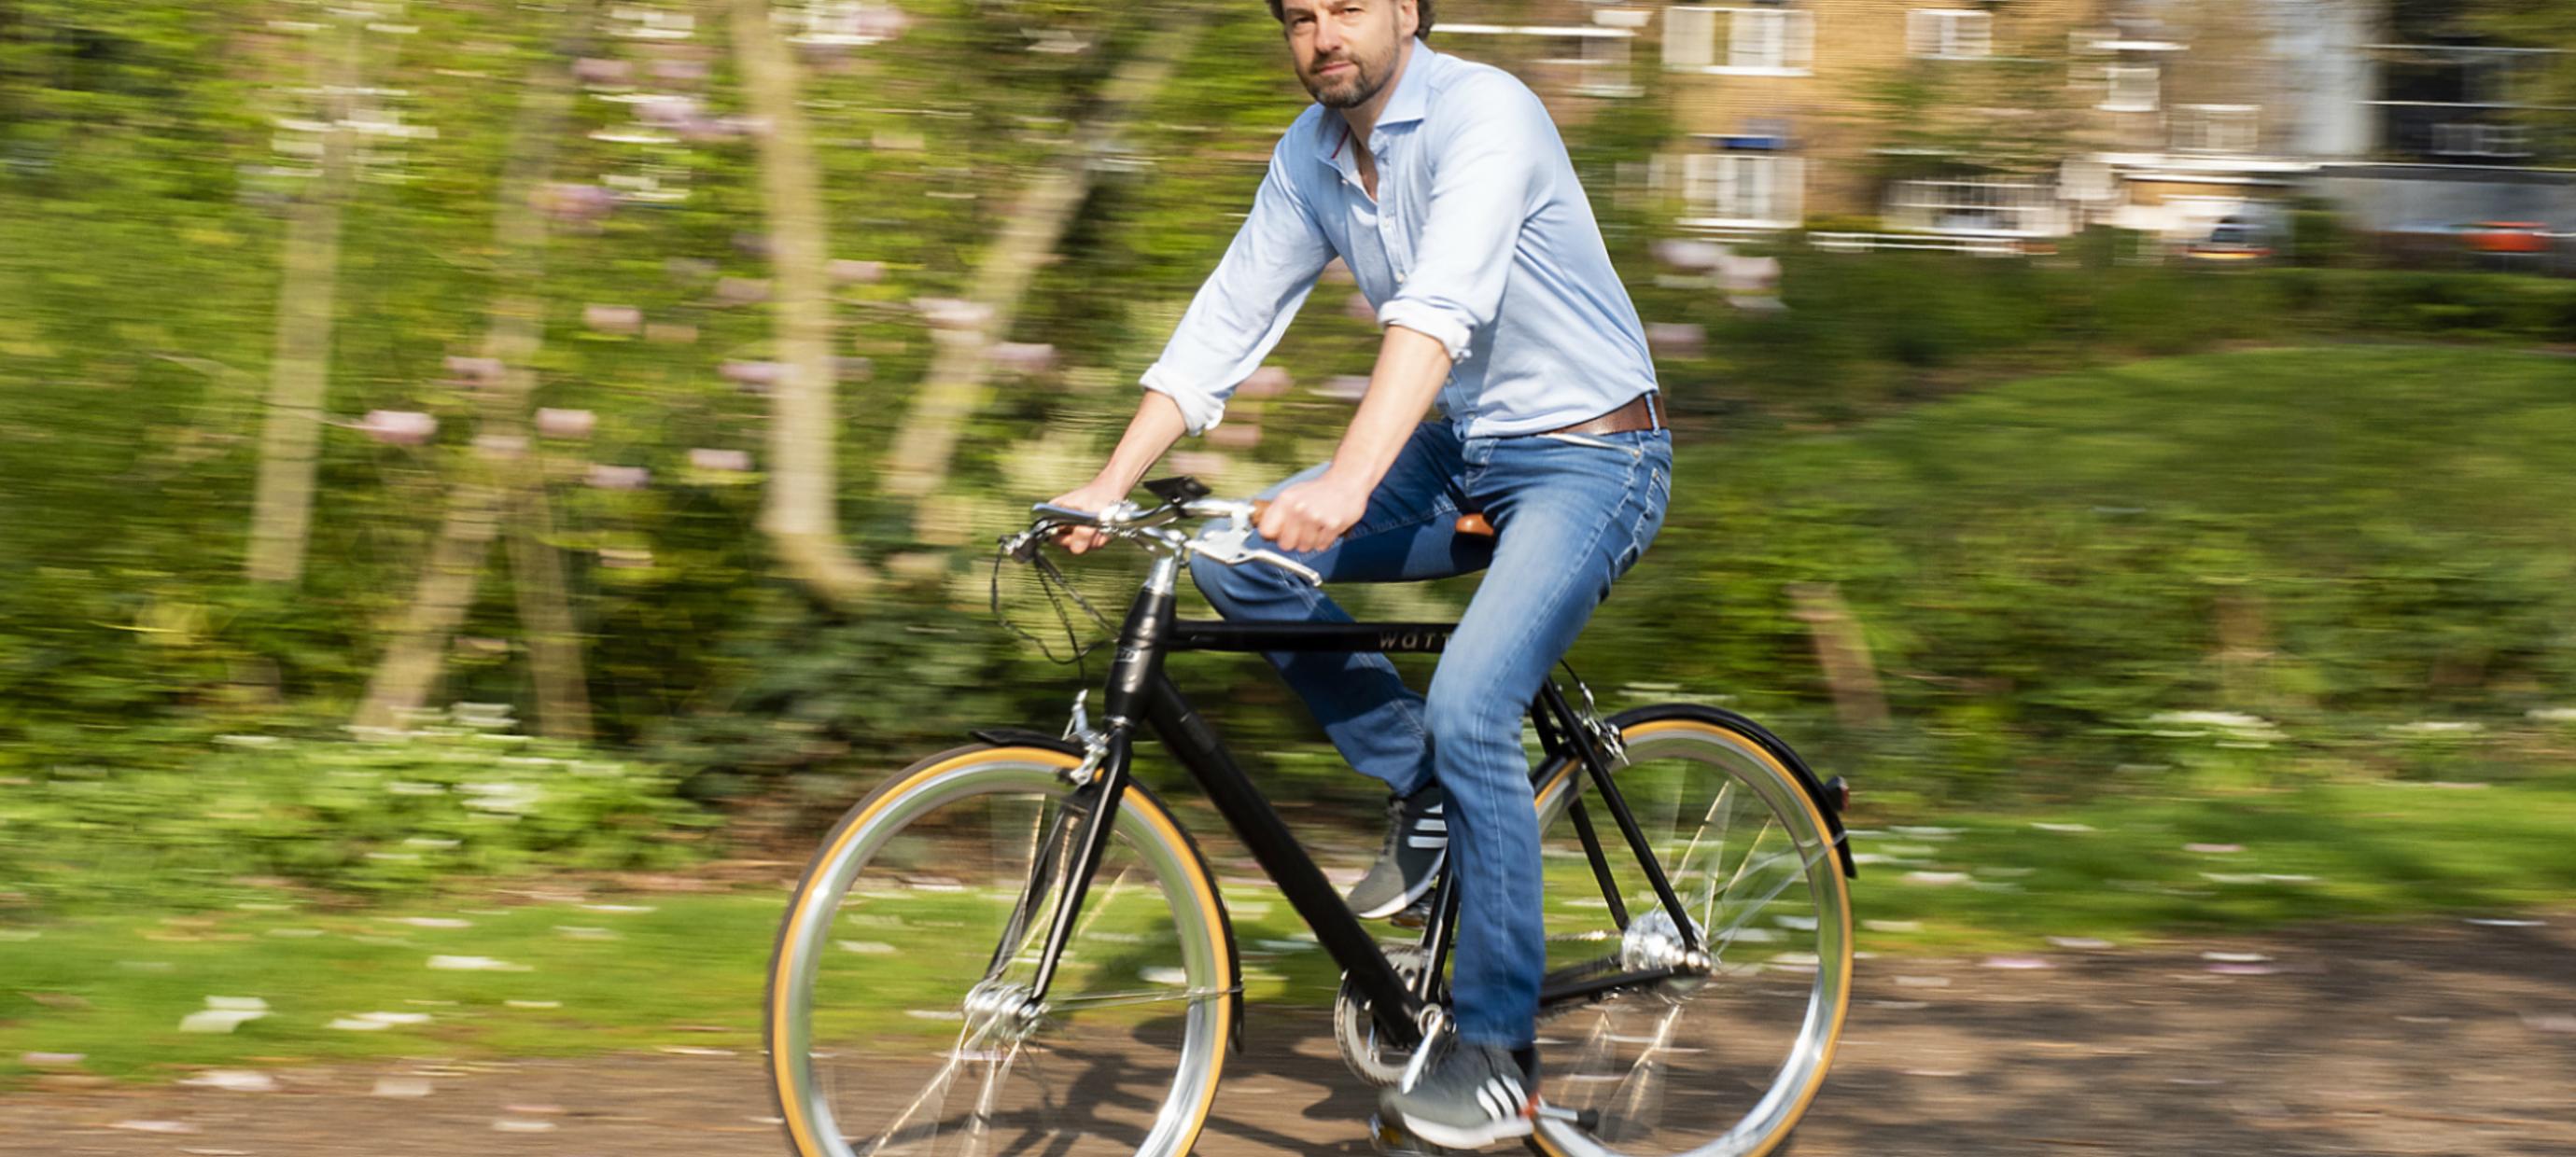 Watt Mobility: hoe bij toeval een nieuw, hip fietsmerk ontstond